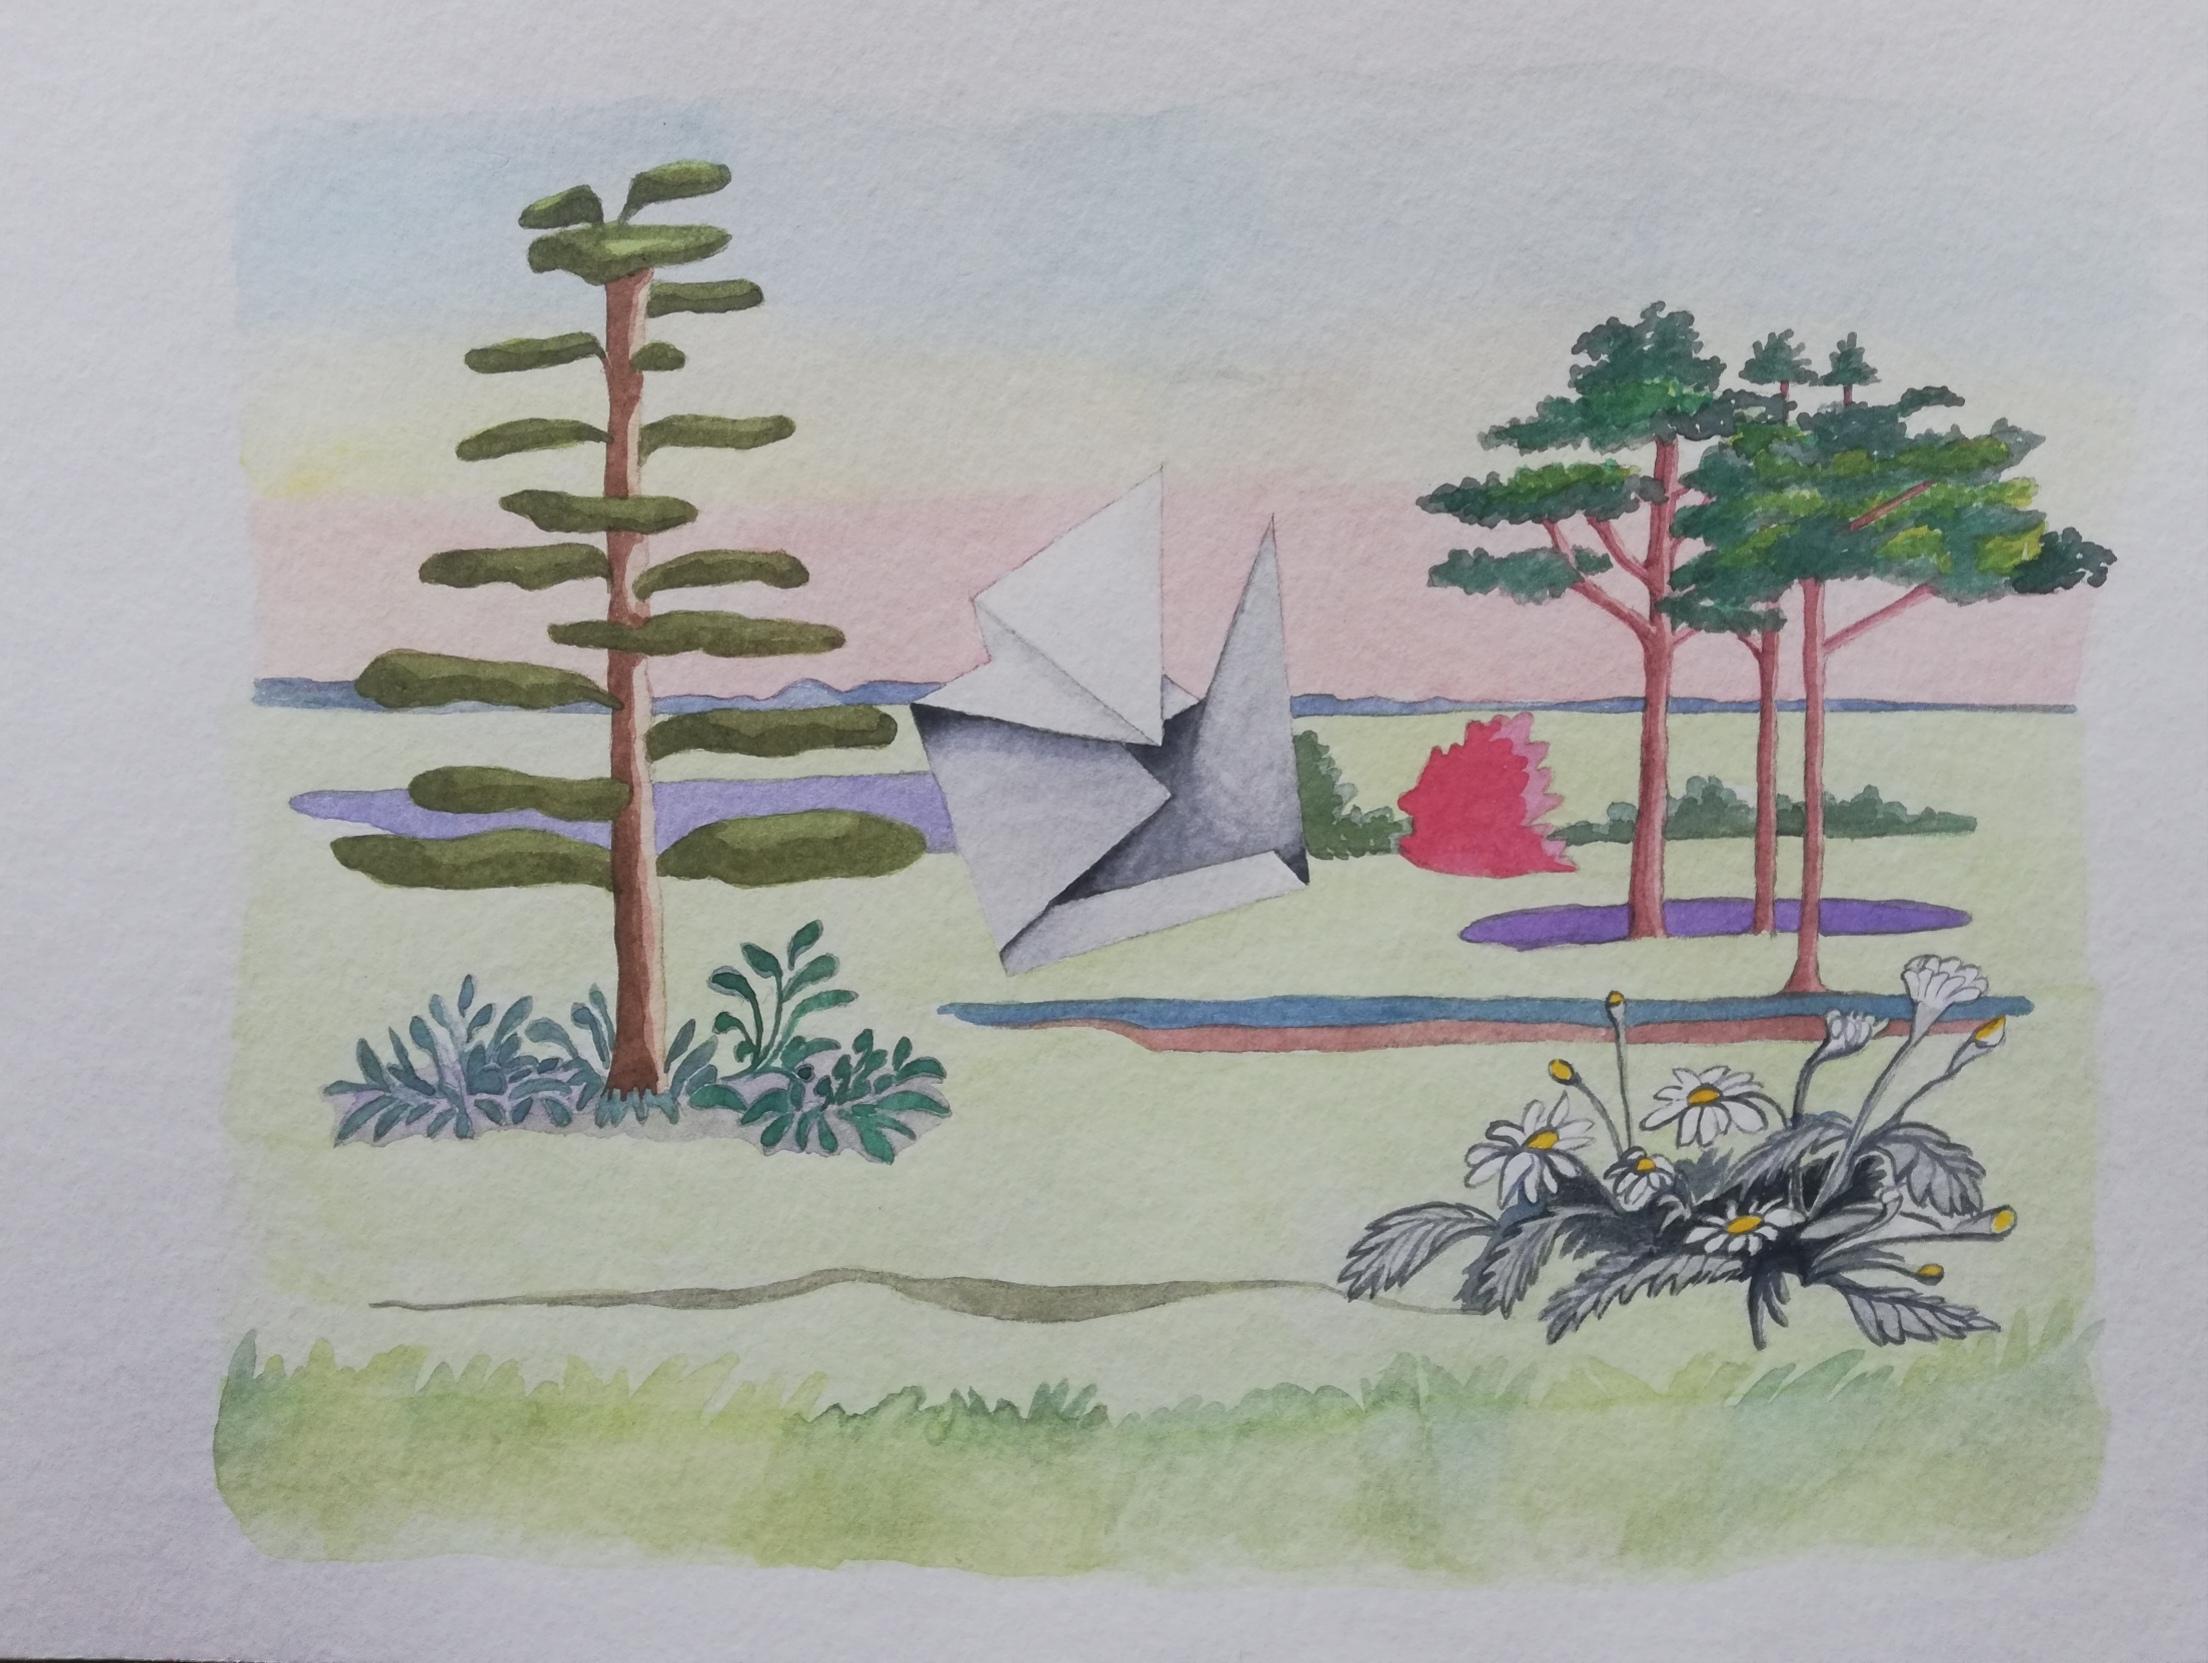 il dipinto di Yvonne D'acosta a colori ritrae un paesaggio con alcuni alberi, uno a sinistra e tre a destra; in primo piano, alcune margherite e al centro, una specie di foglio di carta piegato su se stesso